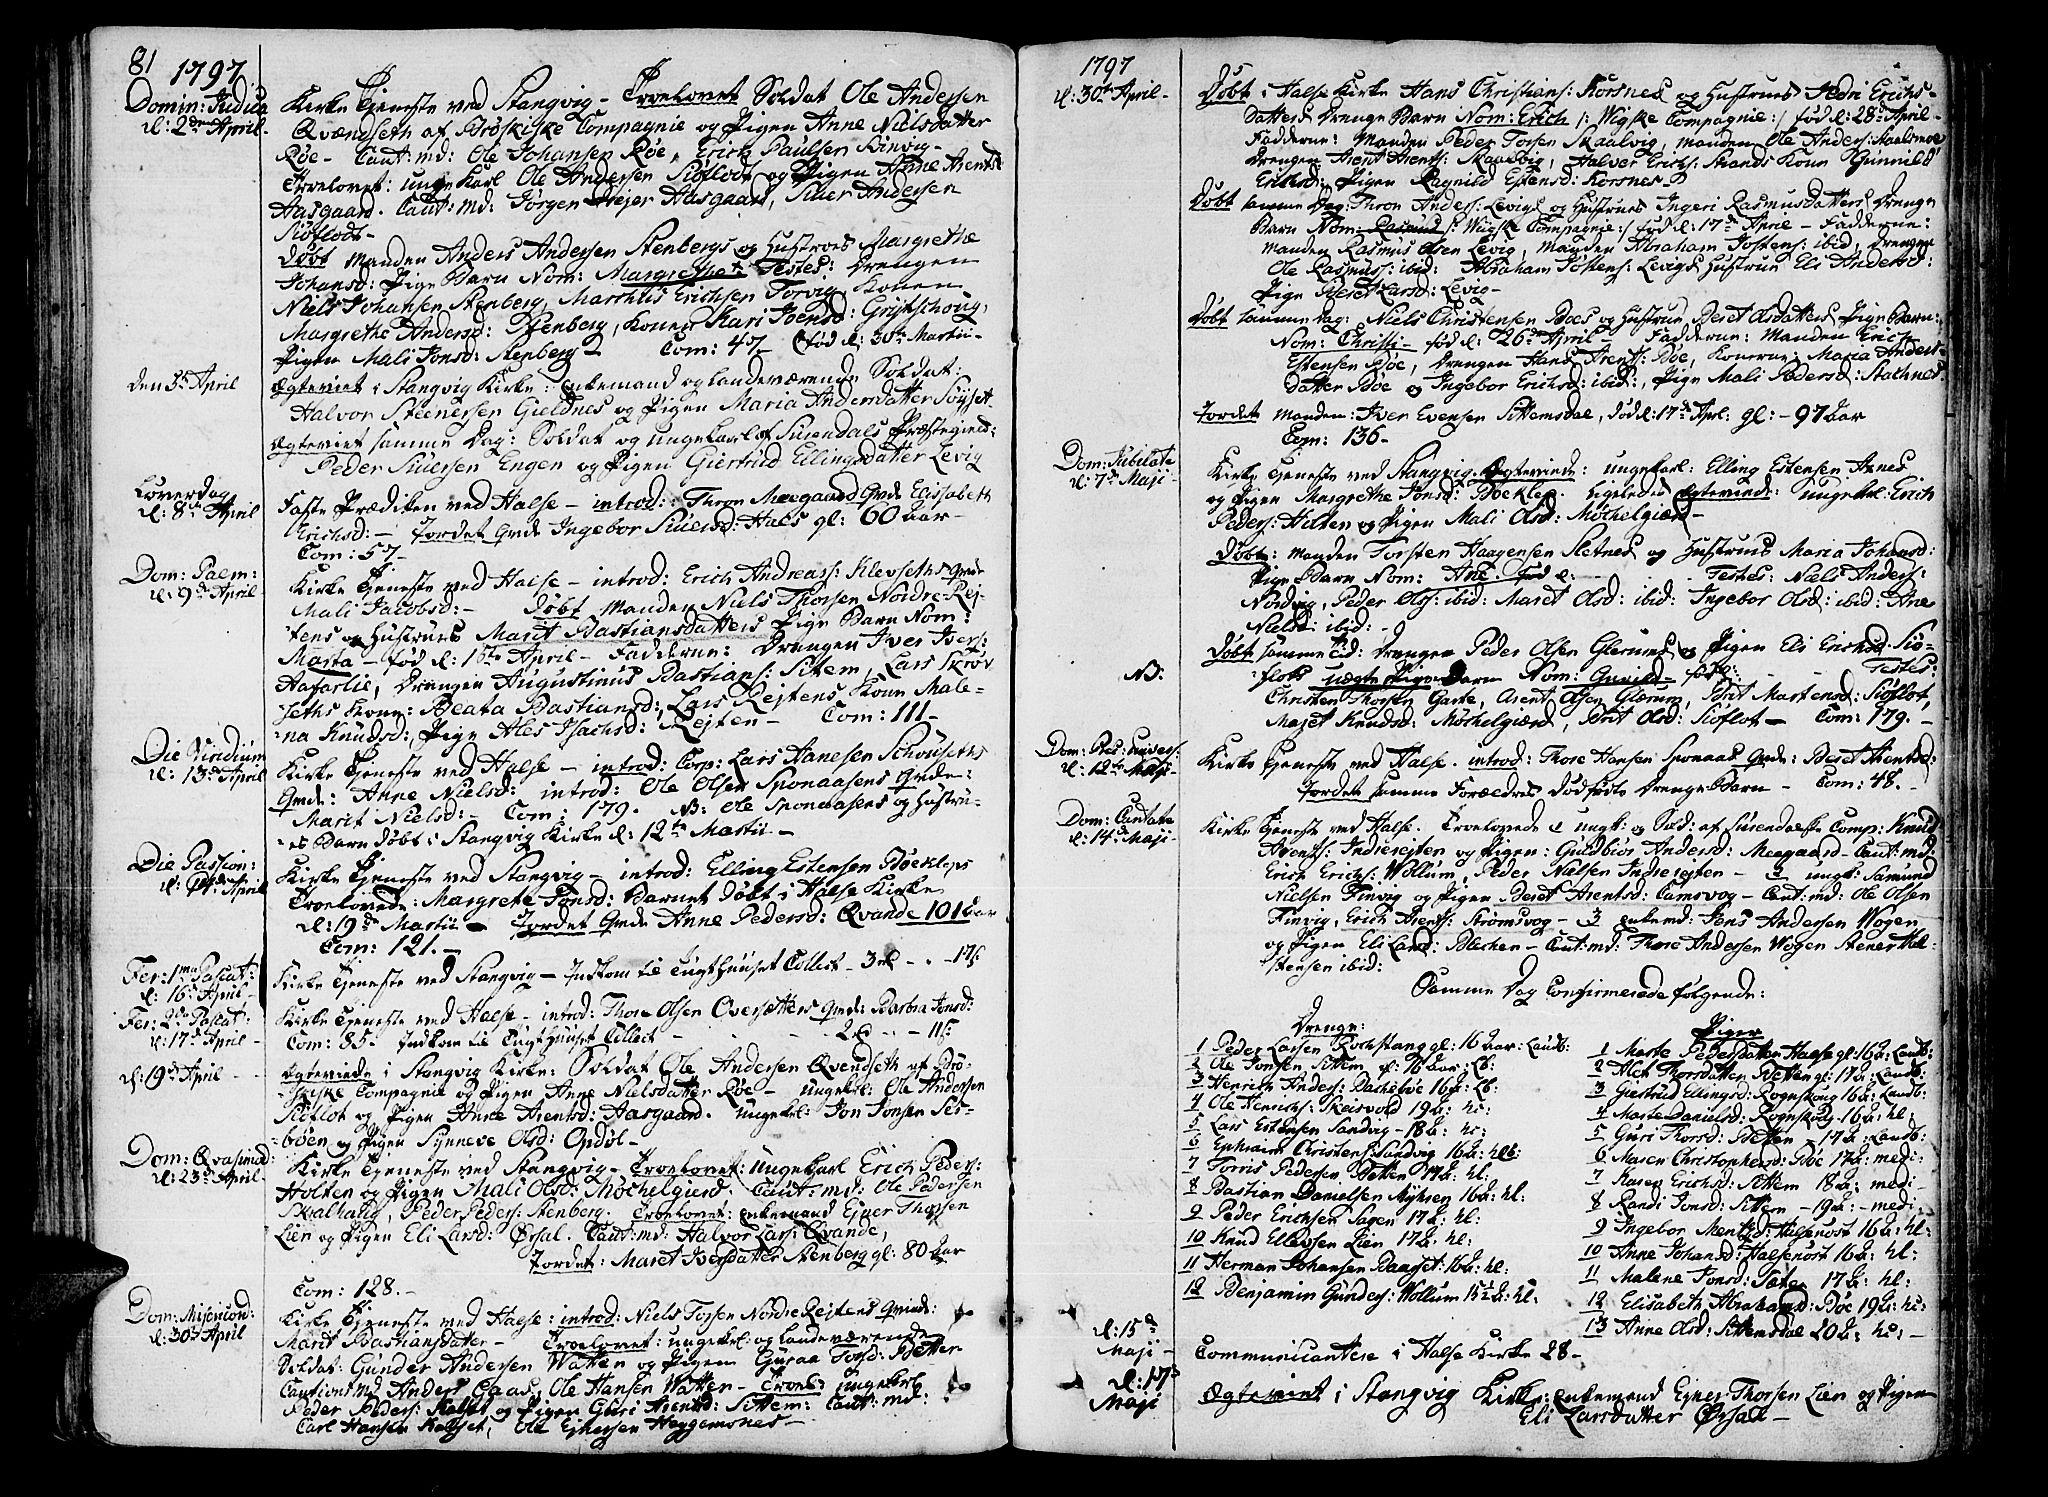 SAT, Ministerialprotokoller, klokkerbøker og fødselsregistre - Møre og Romsdal, 592/L1022: Ministerialbok nr. 592A01, 1784-1819, s. 81